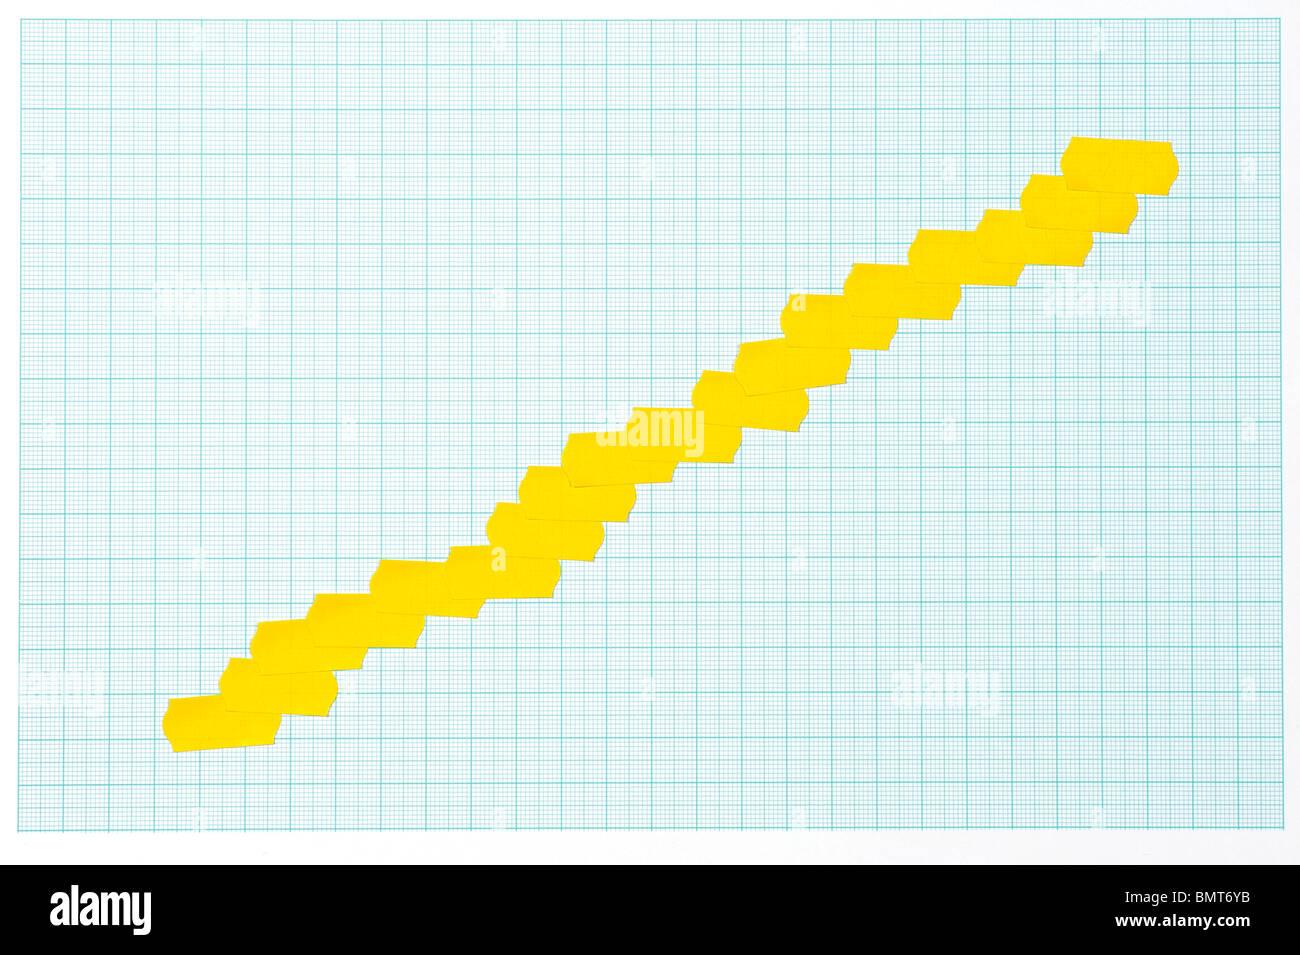 Shop adesivi prezzo grafico Immagini Stock